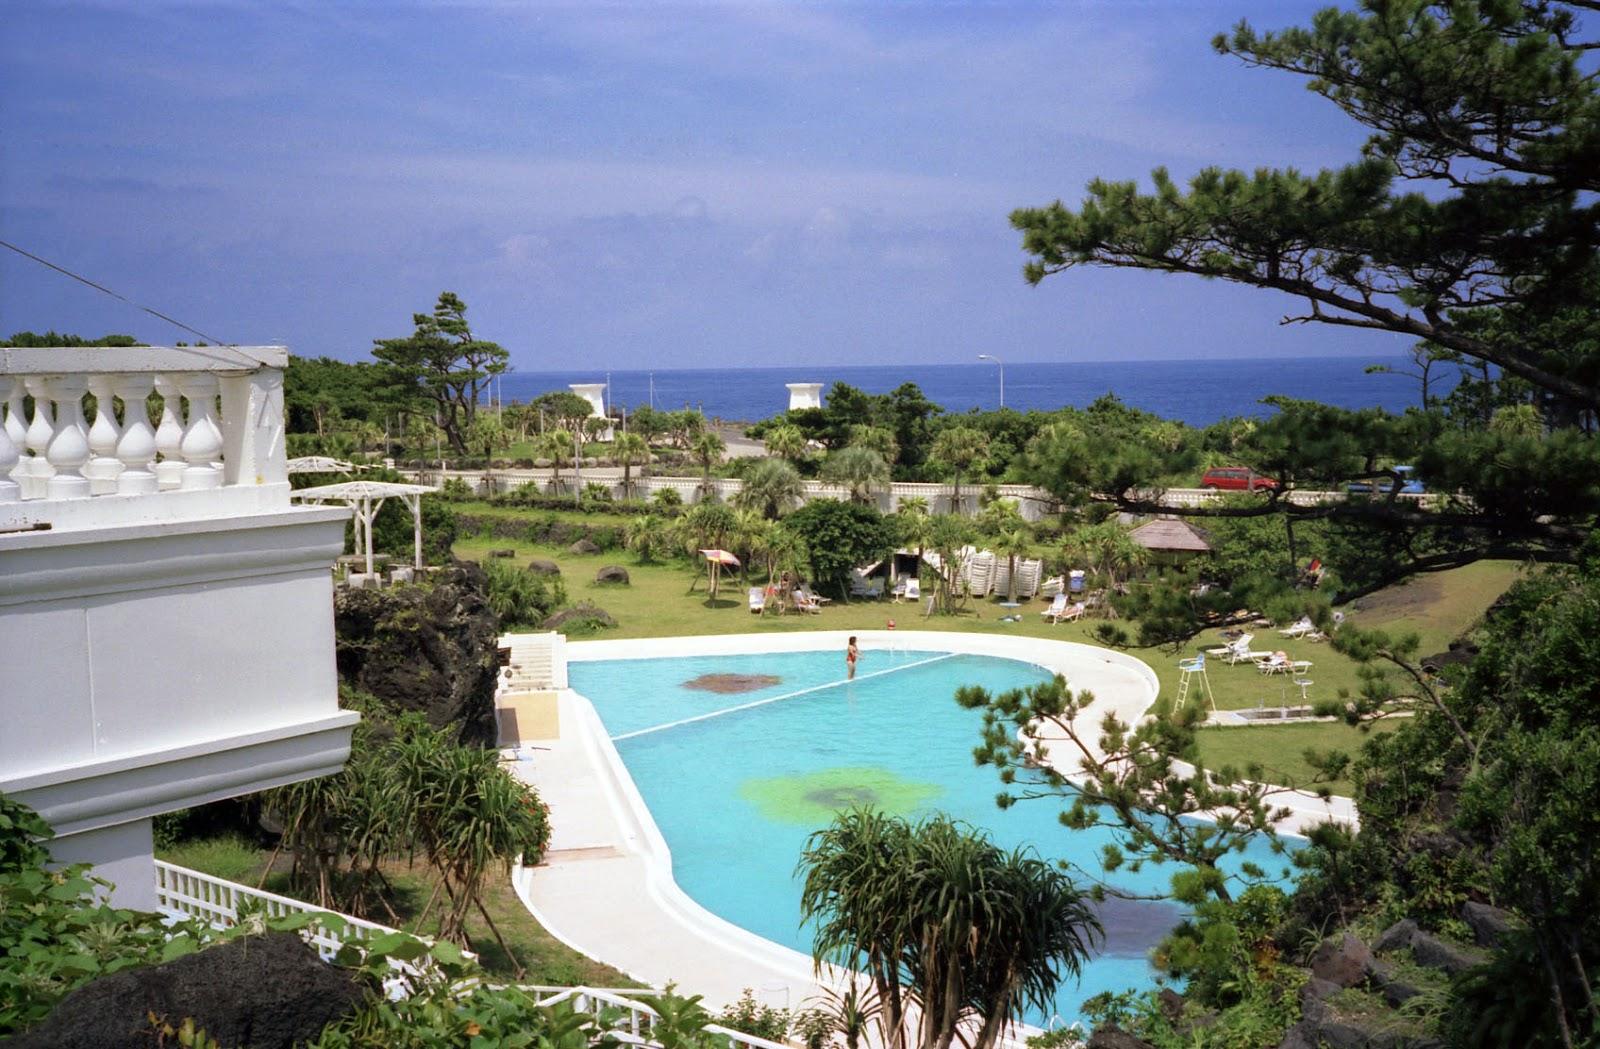 八丈島,ホテル,プール,海〈著作権フリー無料画像〉Free Stock Photos